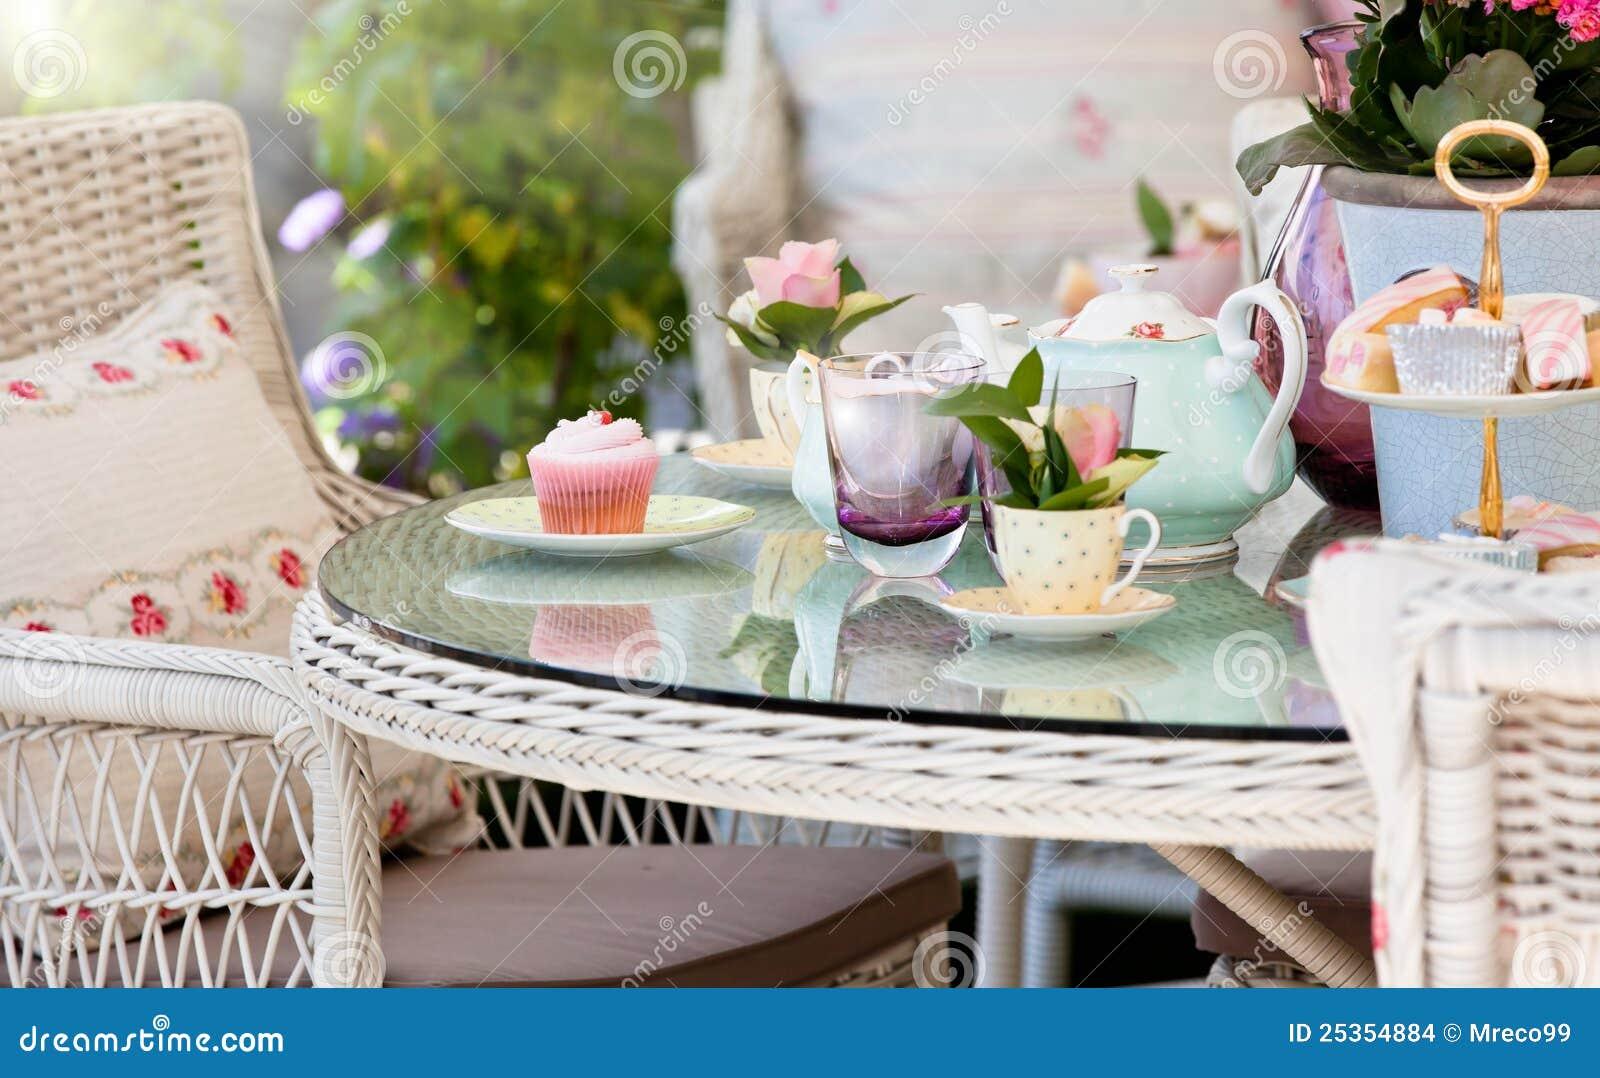 Chá e bolos de tarde no jardim